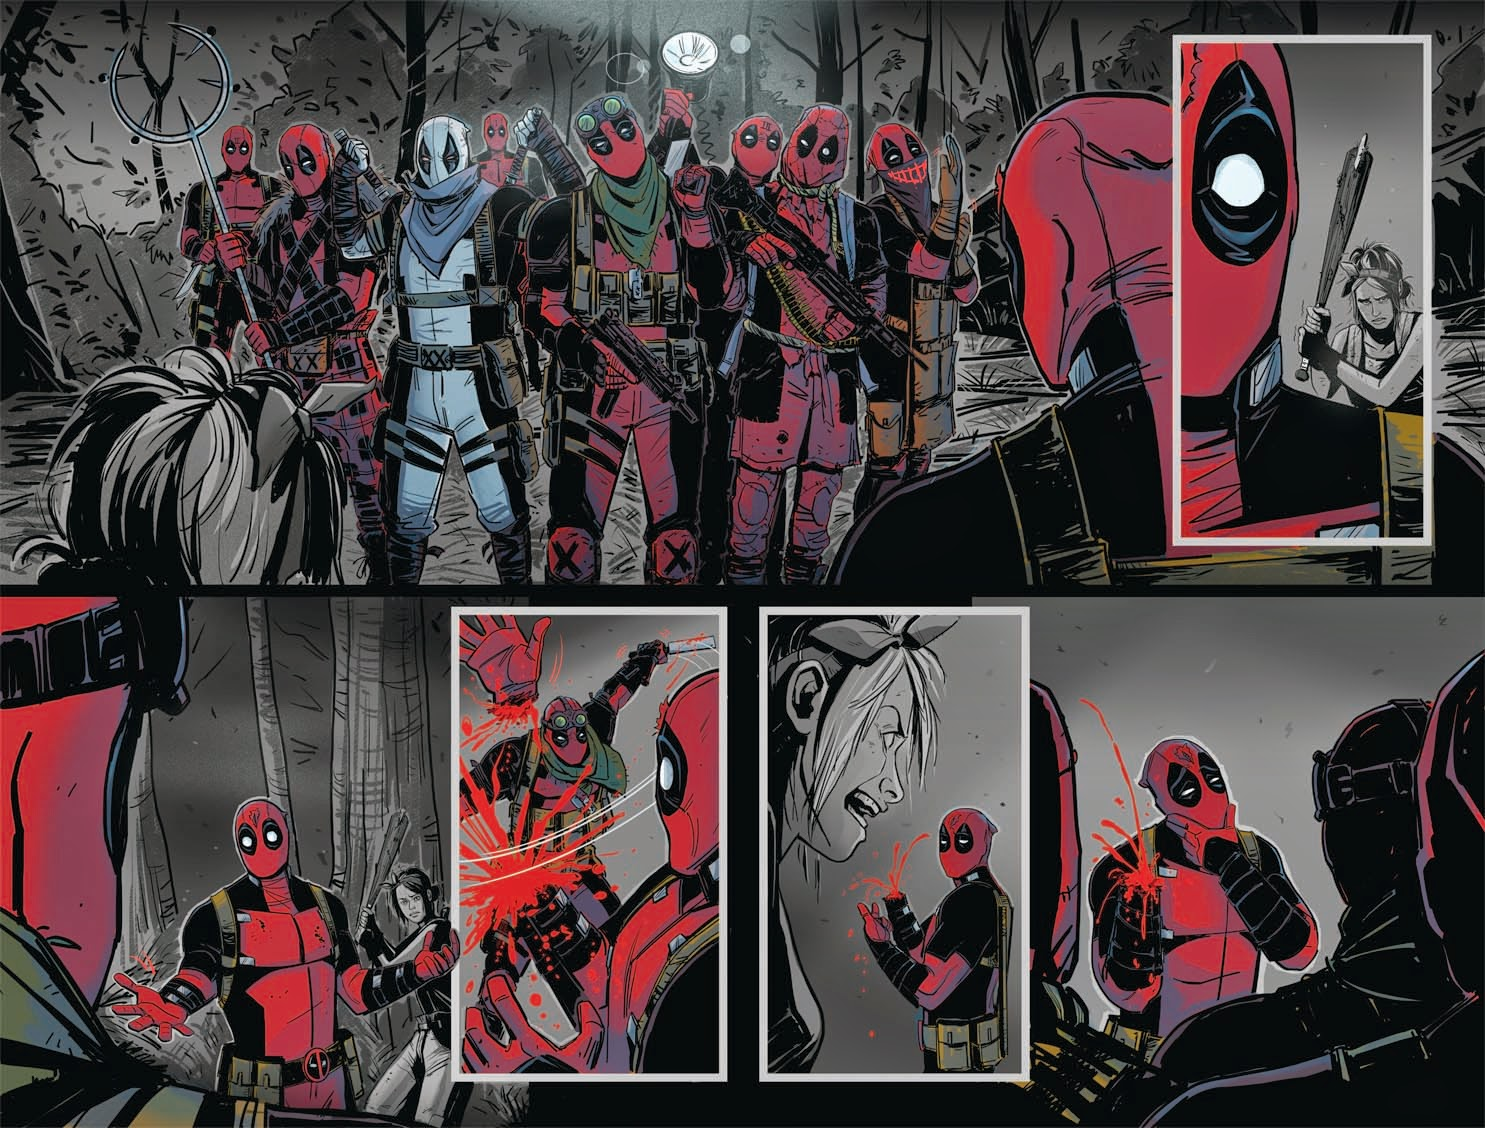 Return_of_the_Living_Deadpool_1_Preview_1.jpg